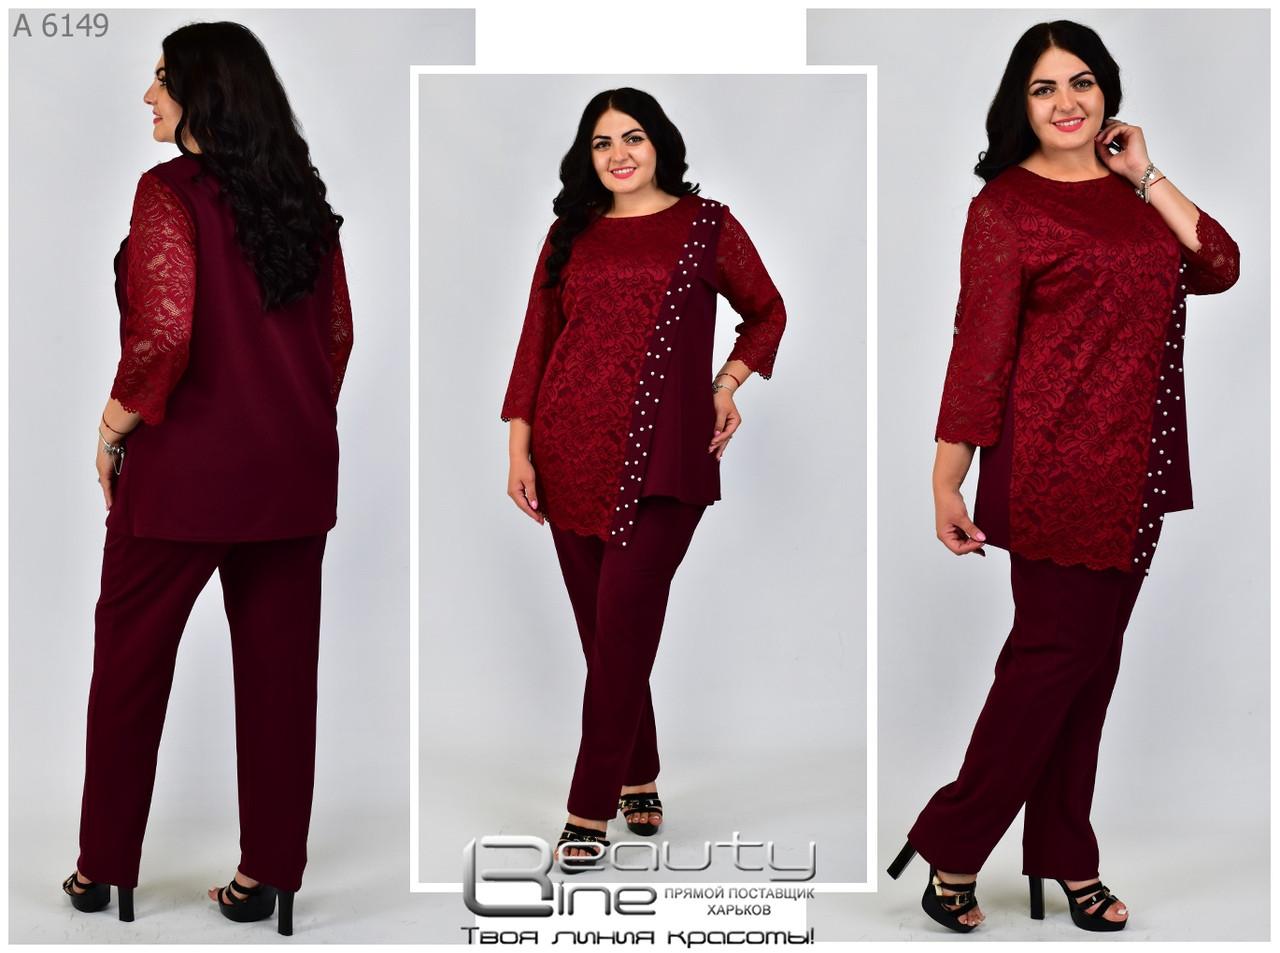 Брючный женский костюм одежда большого размера Размеры: 54.56.58.60.62 64.66